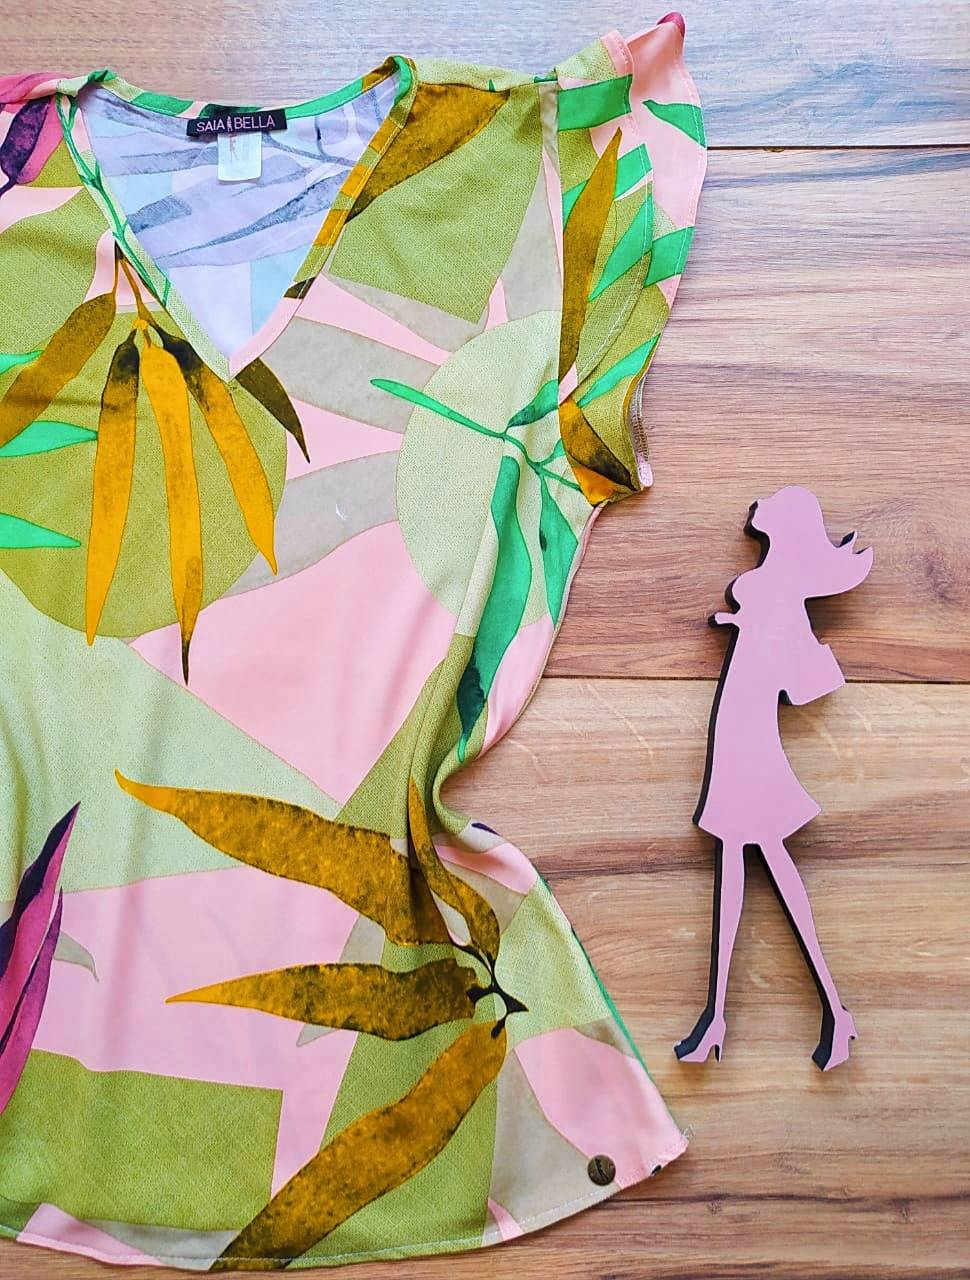 Blusa Sophia Estampada Saia Bella - SB2710 - I